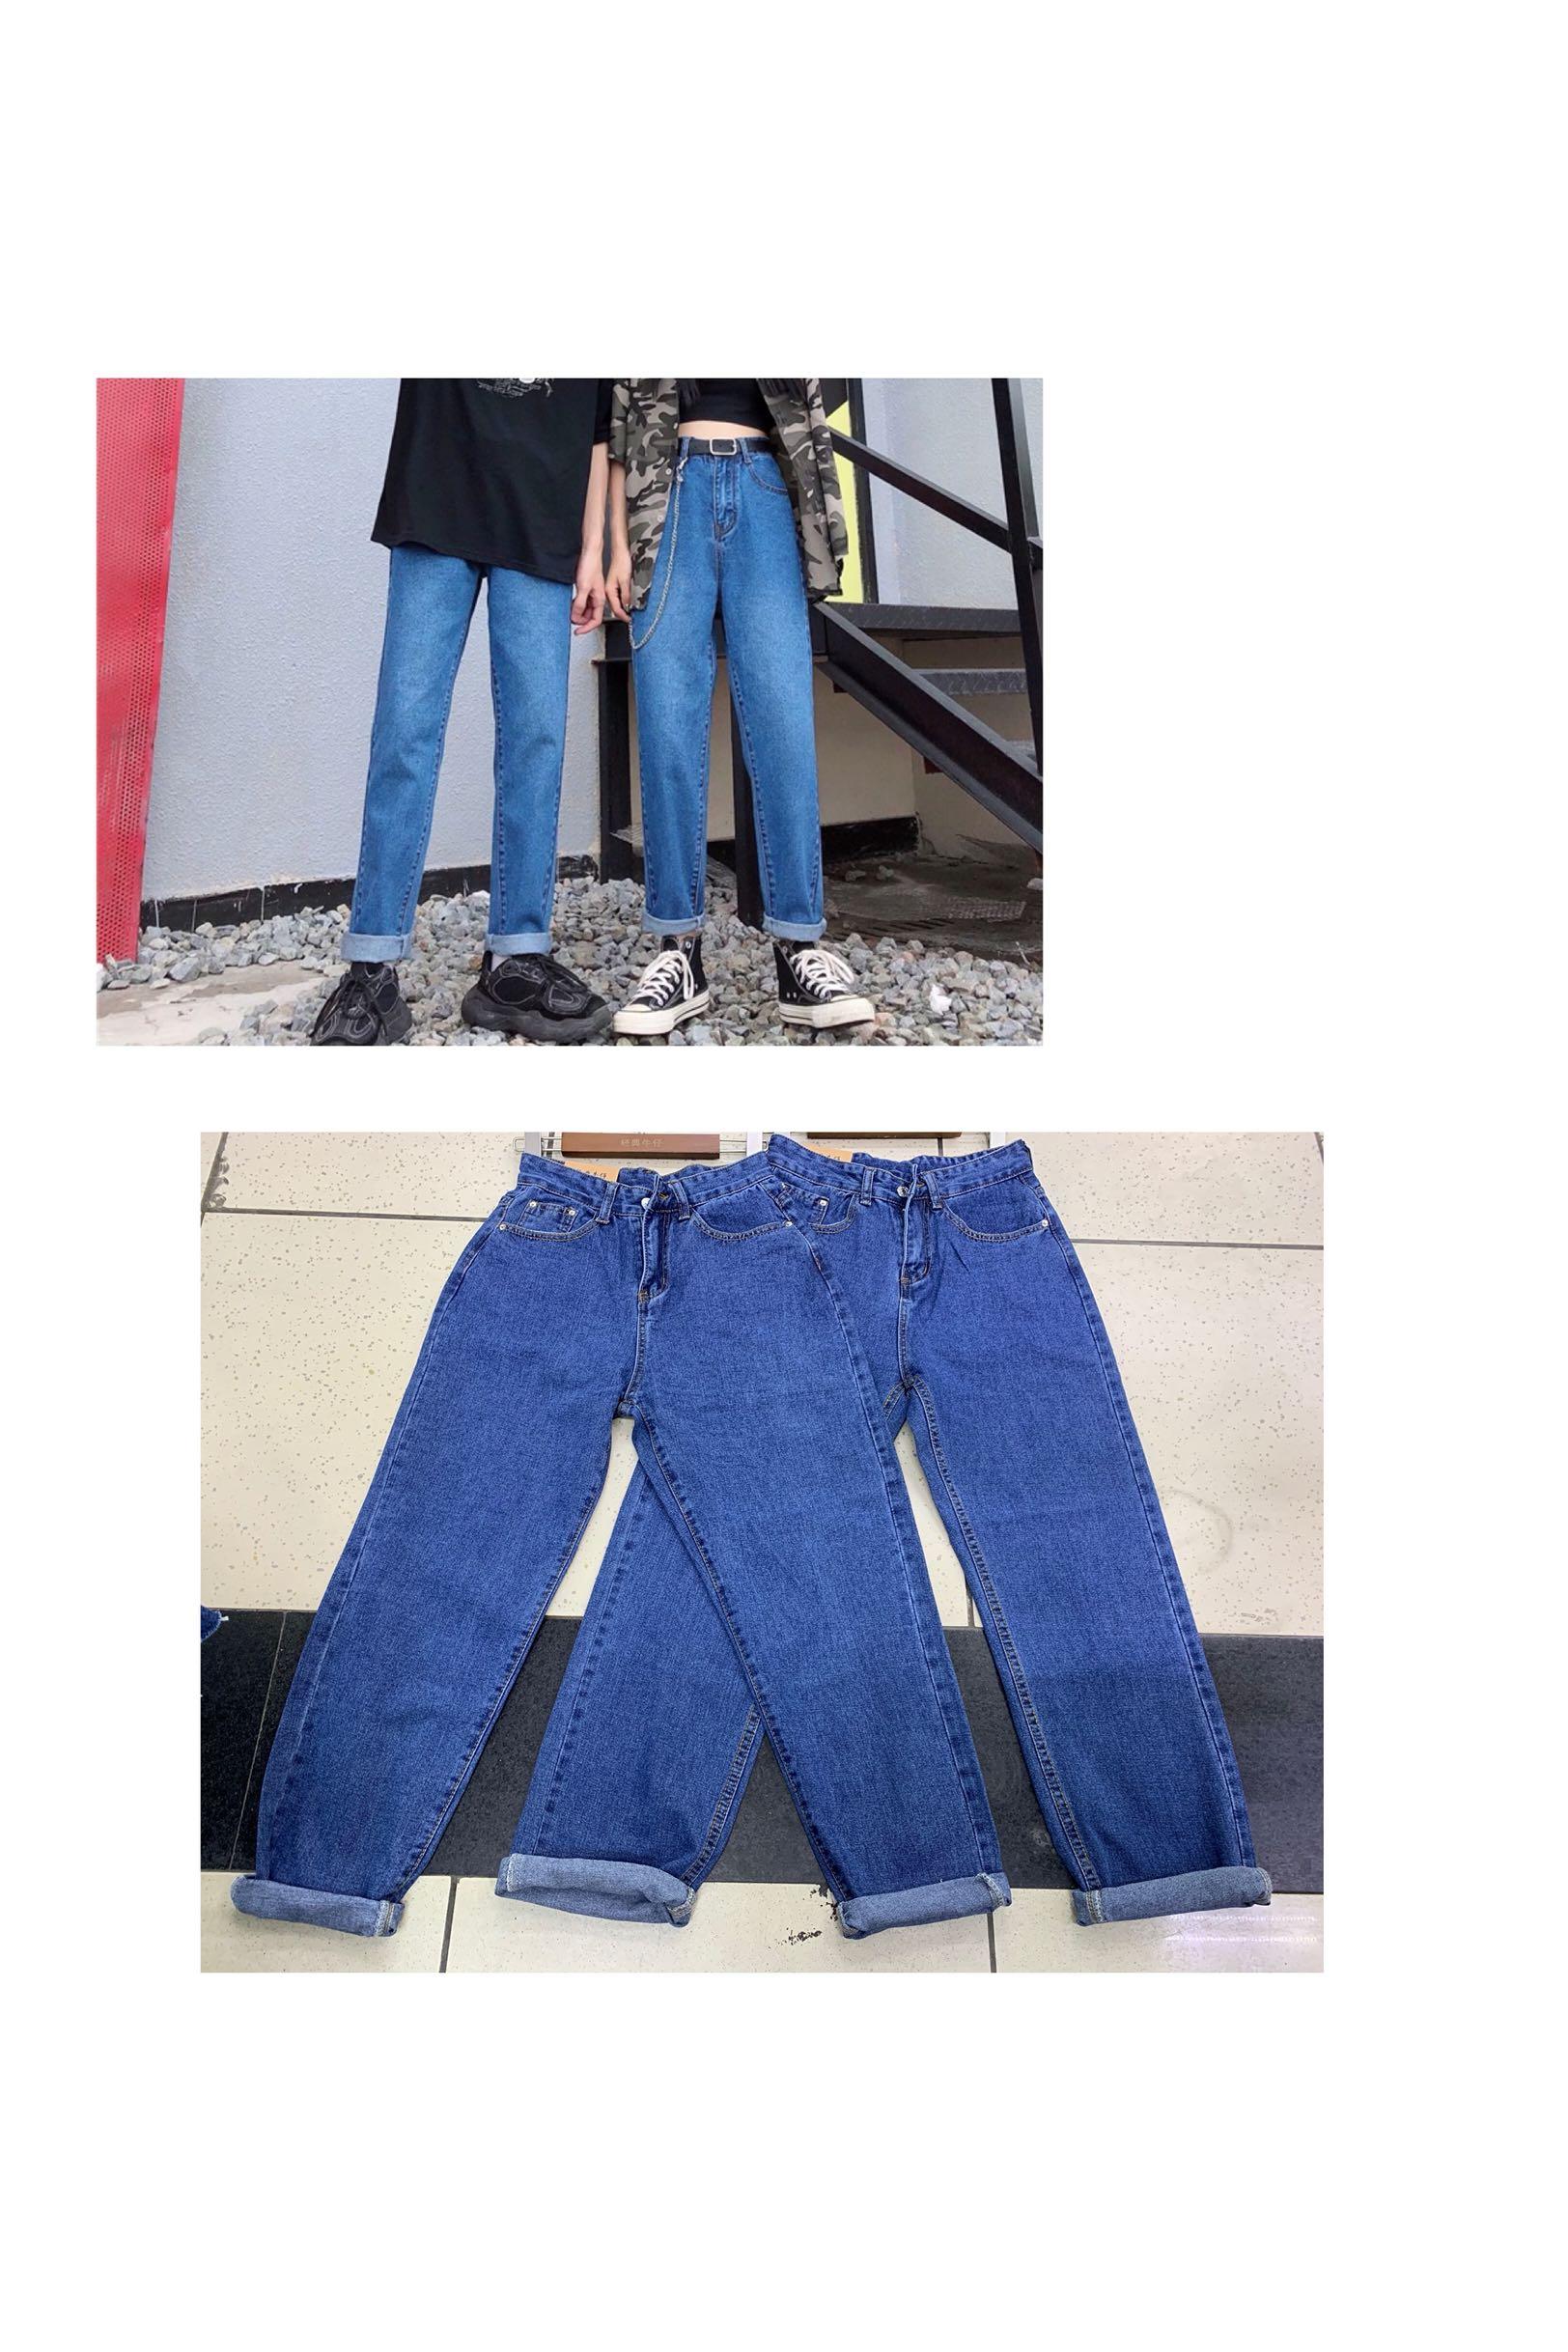 新款情侣款牛仔裤ins复古水洗蓝bf直筒长裤男女同款现货广州速发